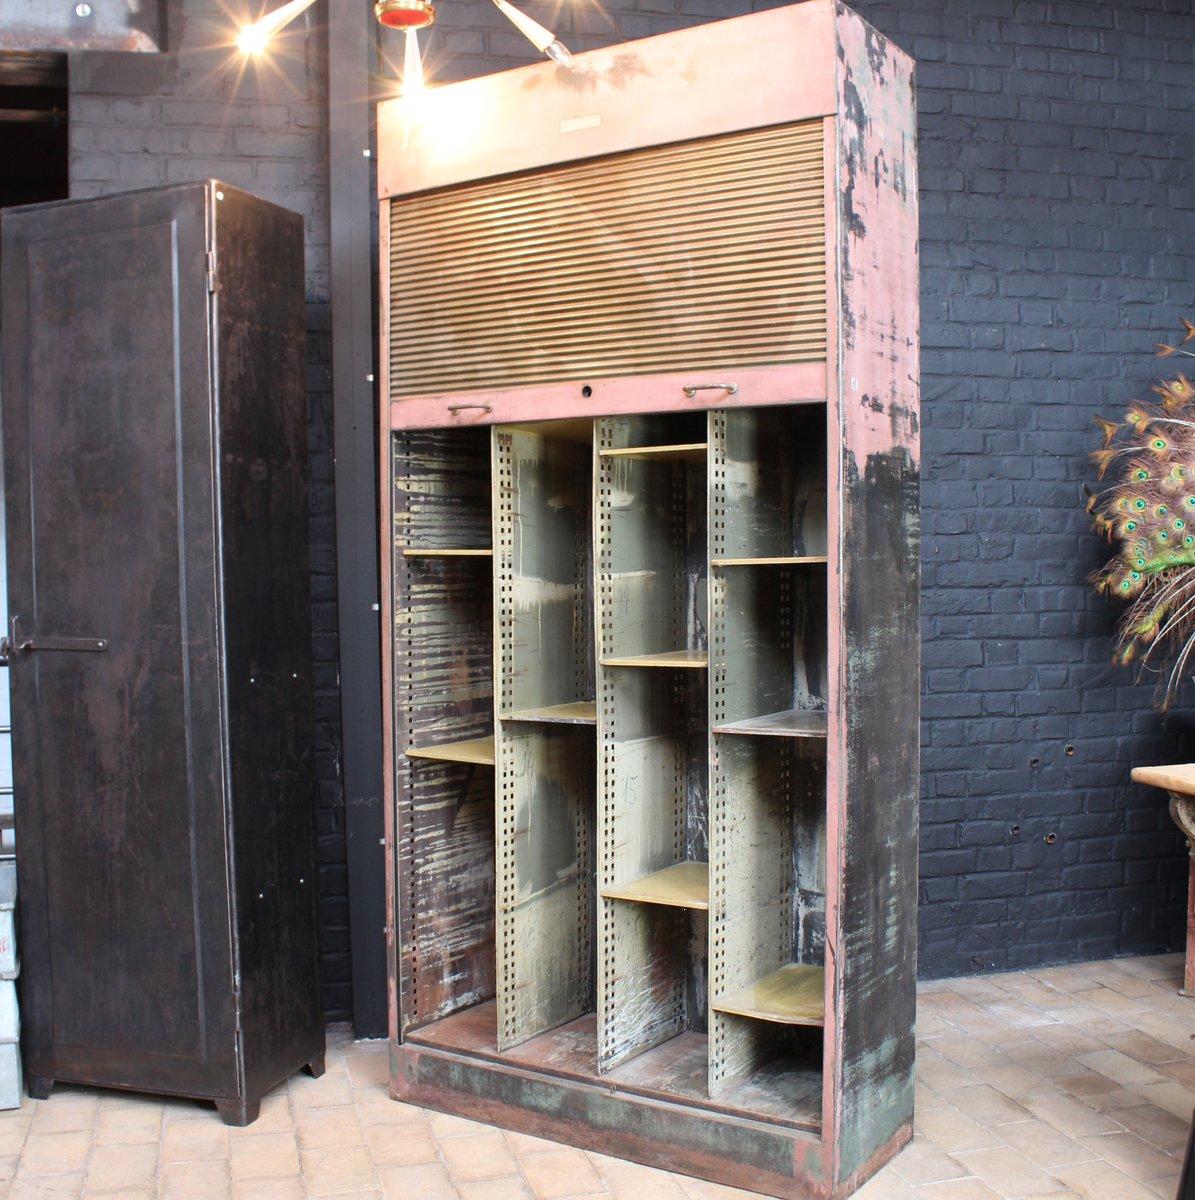 armoire vintage industrielle avec rideau m tallique 1940s en vente sur pamono. Black Bedroom Furniture Sets. Home Design Ideas